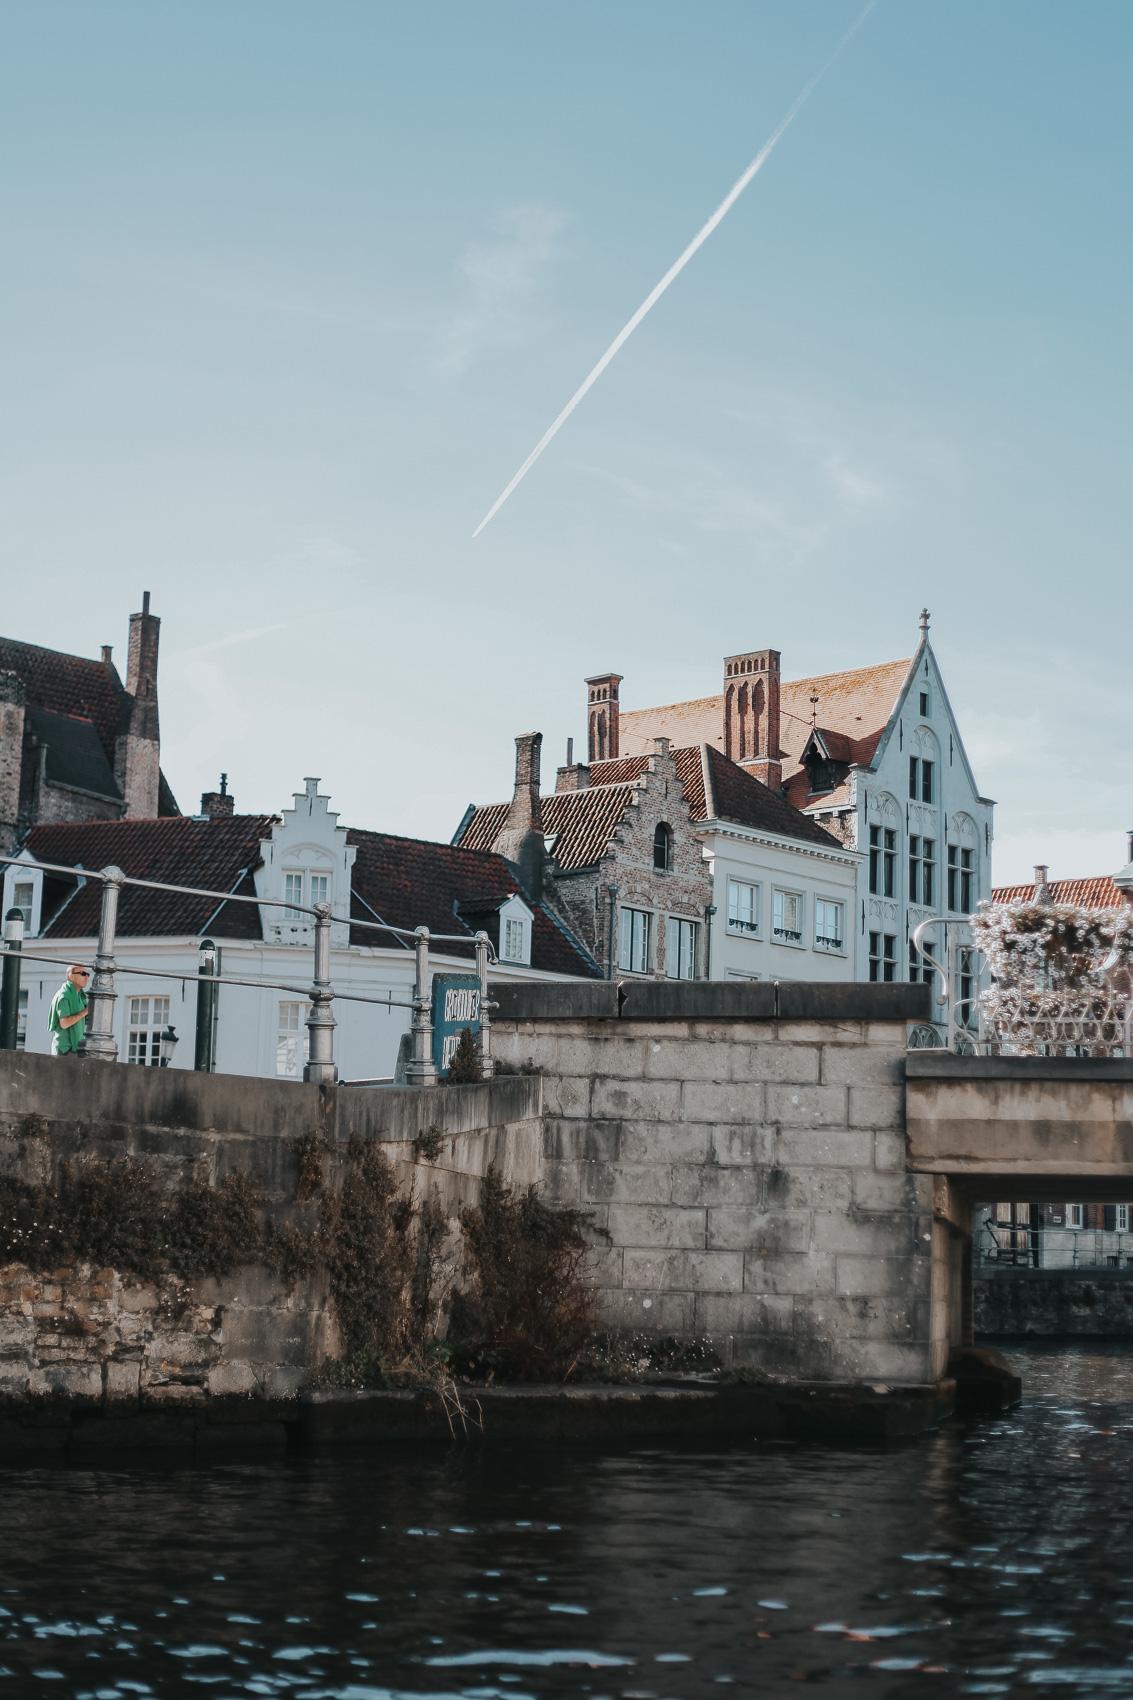 Canals in Bruges Belgium